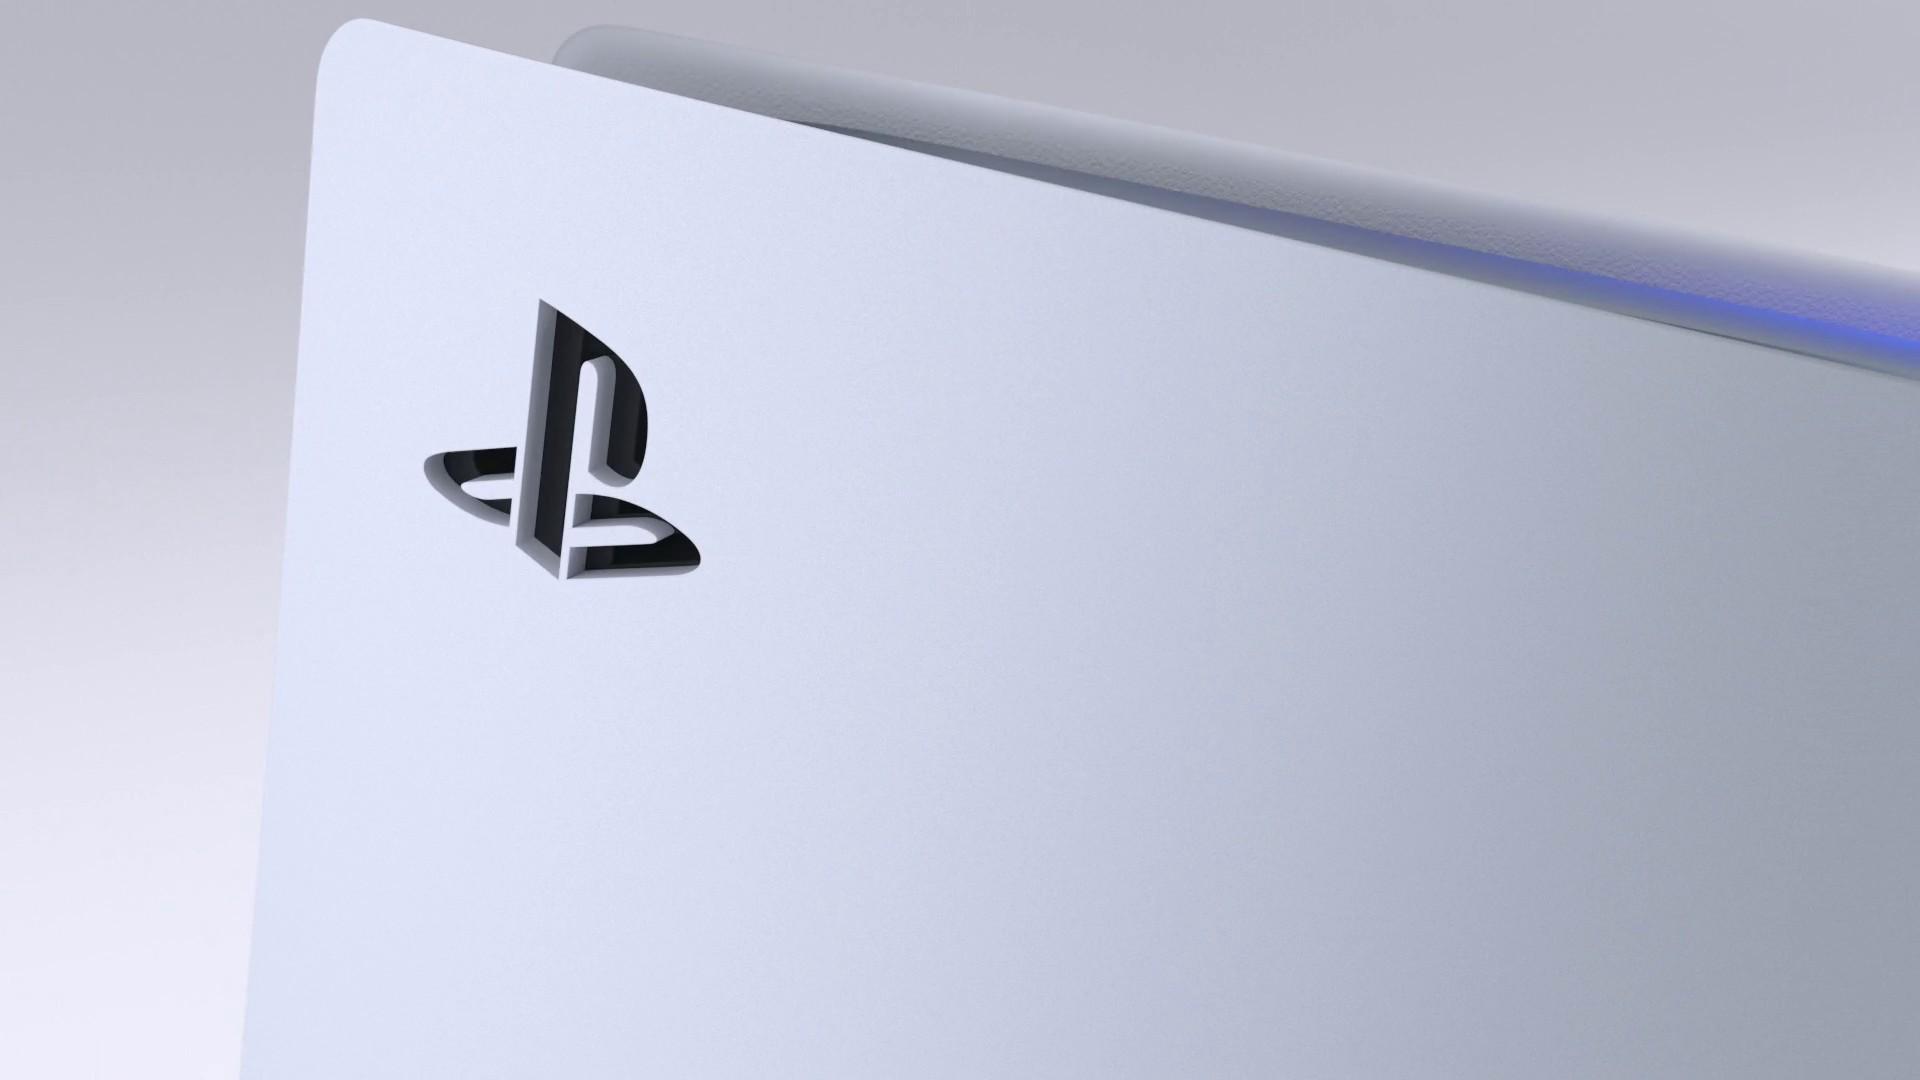 PS5 atinge o lucro em vendas e há boas notícias para os stocks